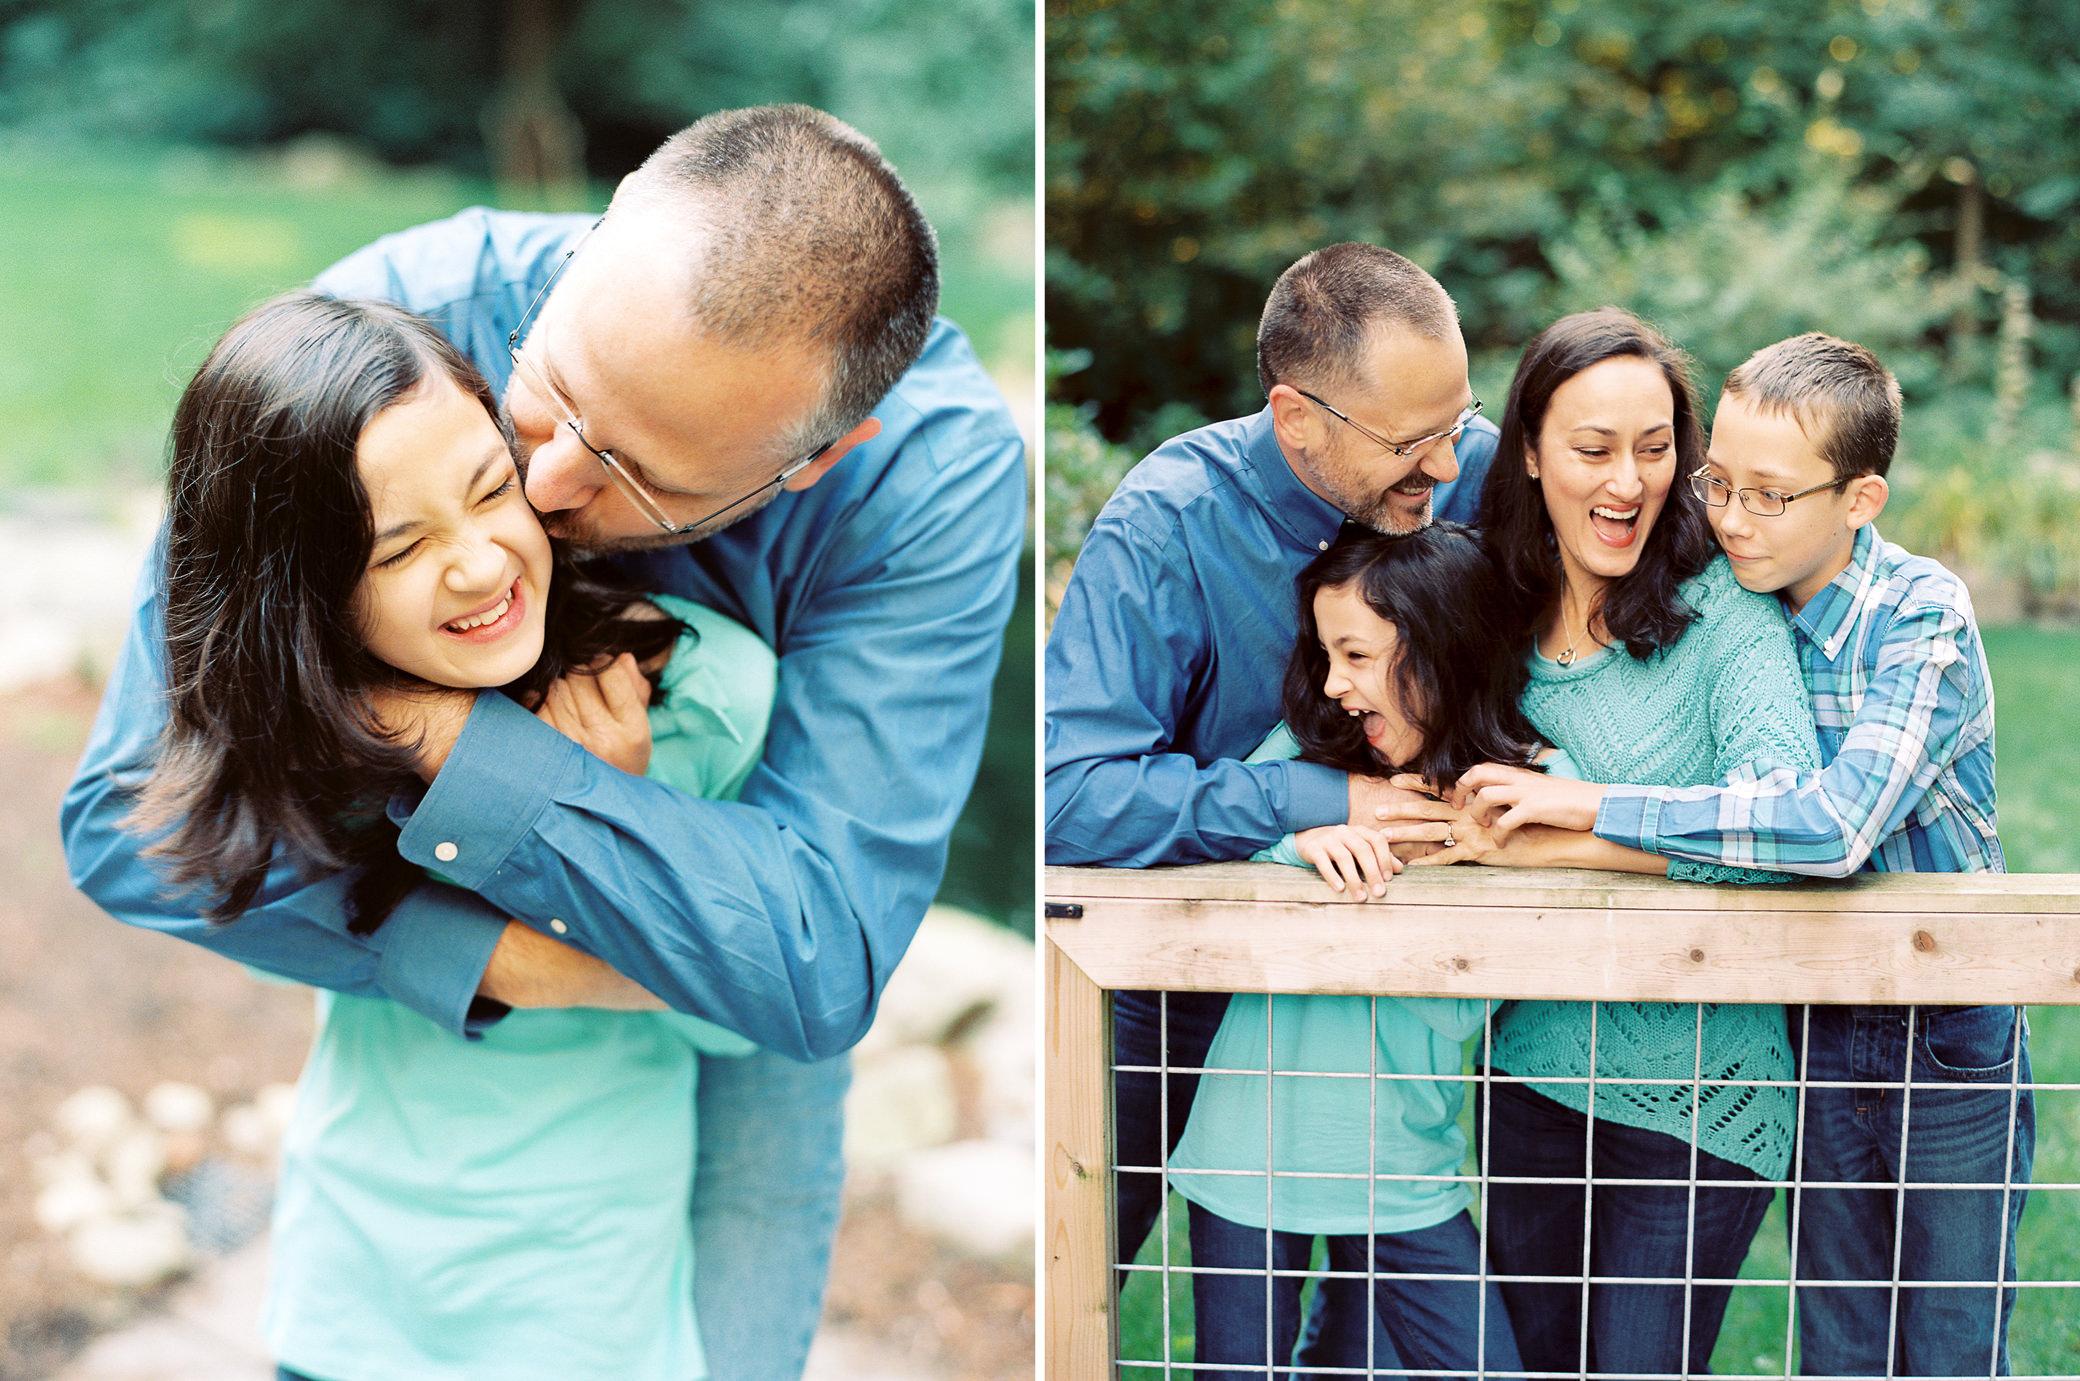 seattle-family-photographer-flemings-2016_0630.JPG